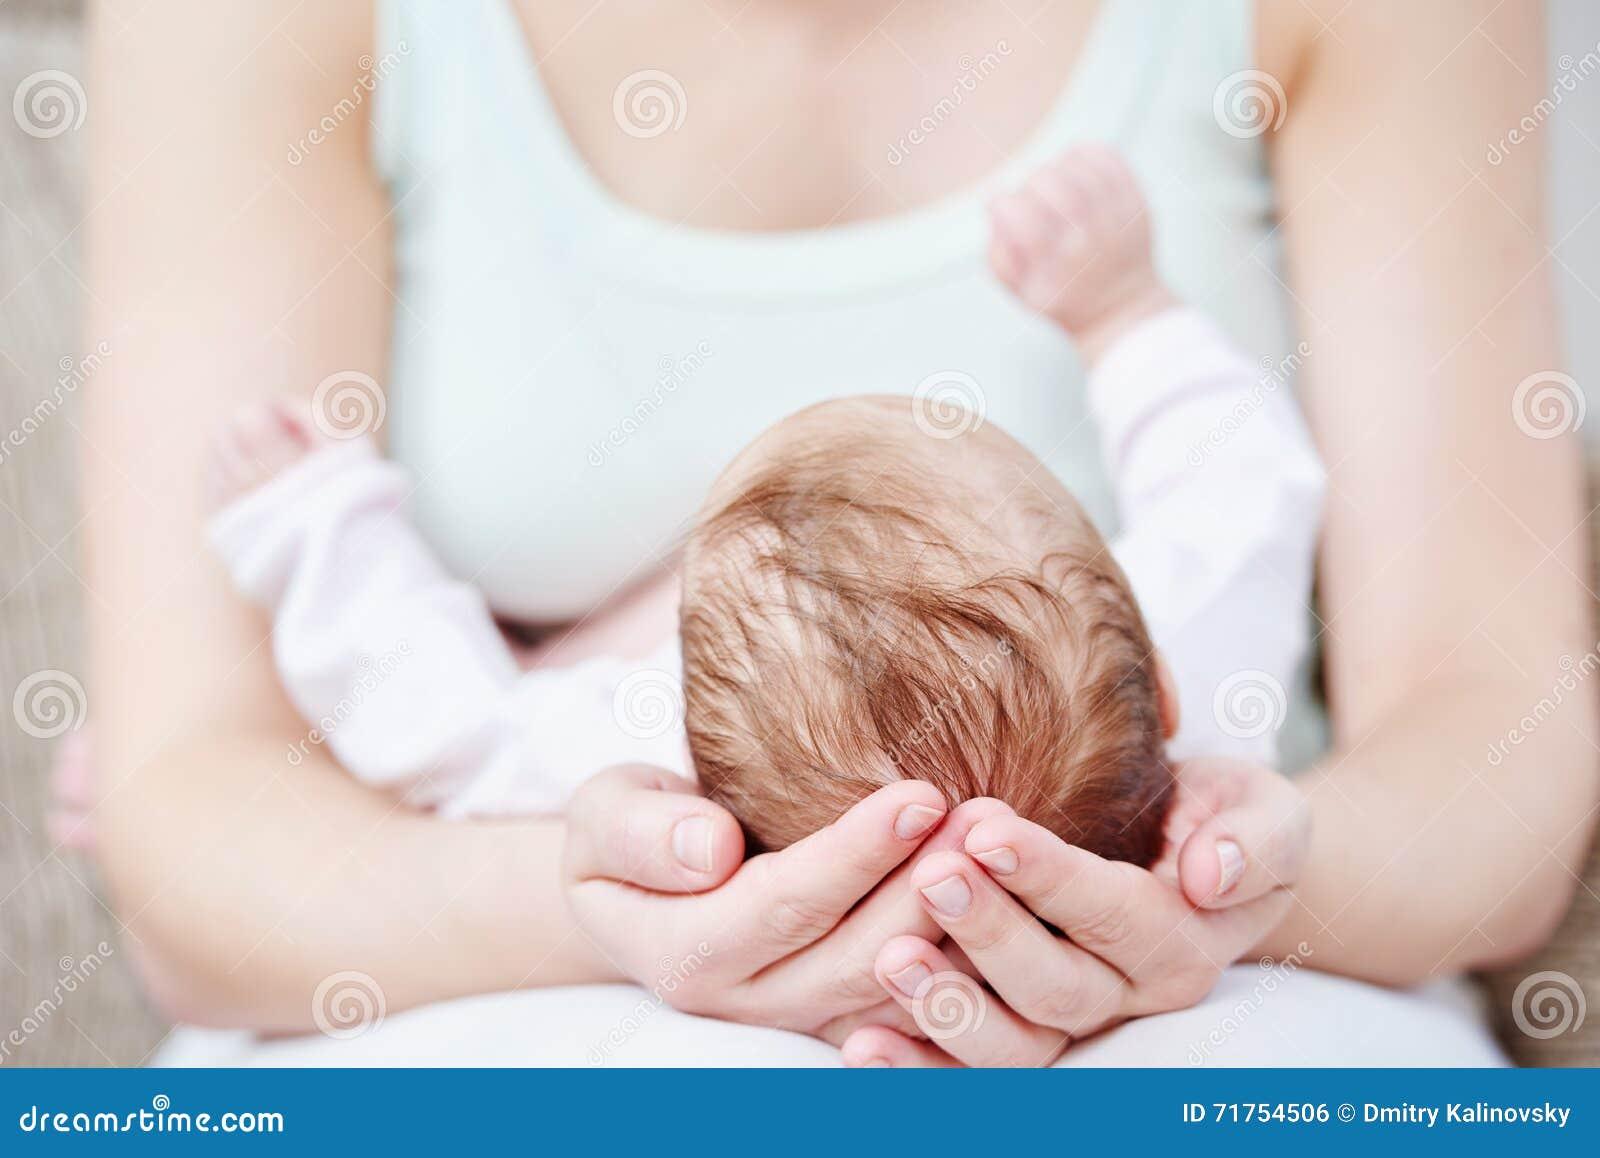 Motherhood Bebê recém-nascido nas mãos da mãe